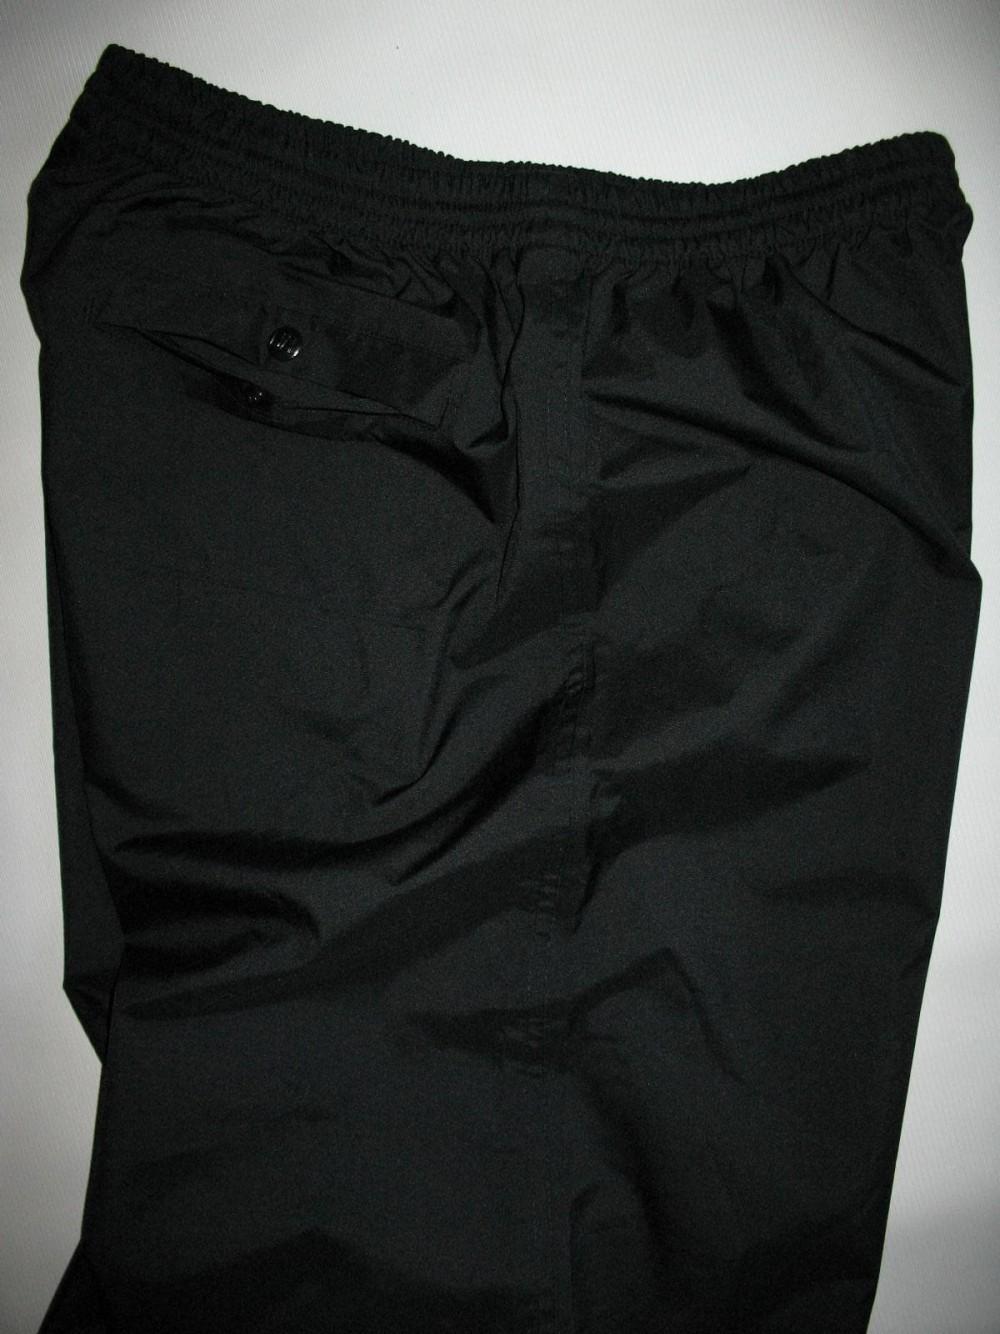 Штаны HELLY HANSEN hellytech pants (размер М) - 5